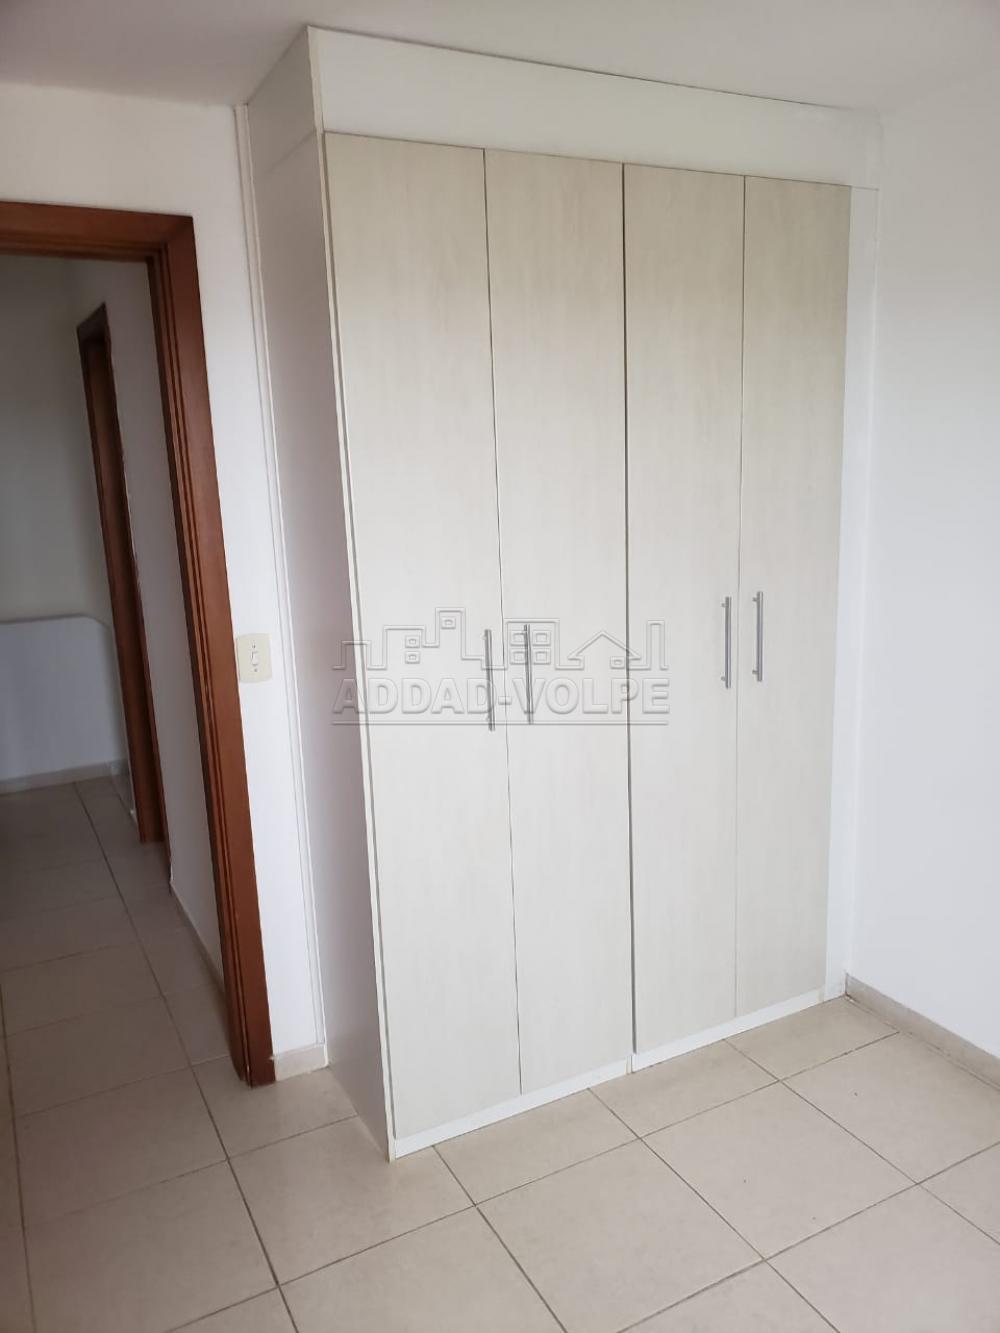 Alugar Apartamento / Cobertura em Bauru apenas R$ 1.500,00 - Foto 10